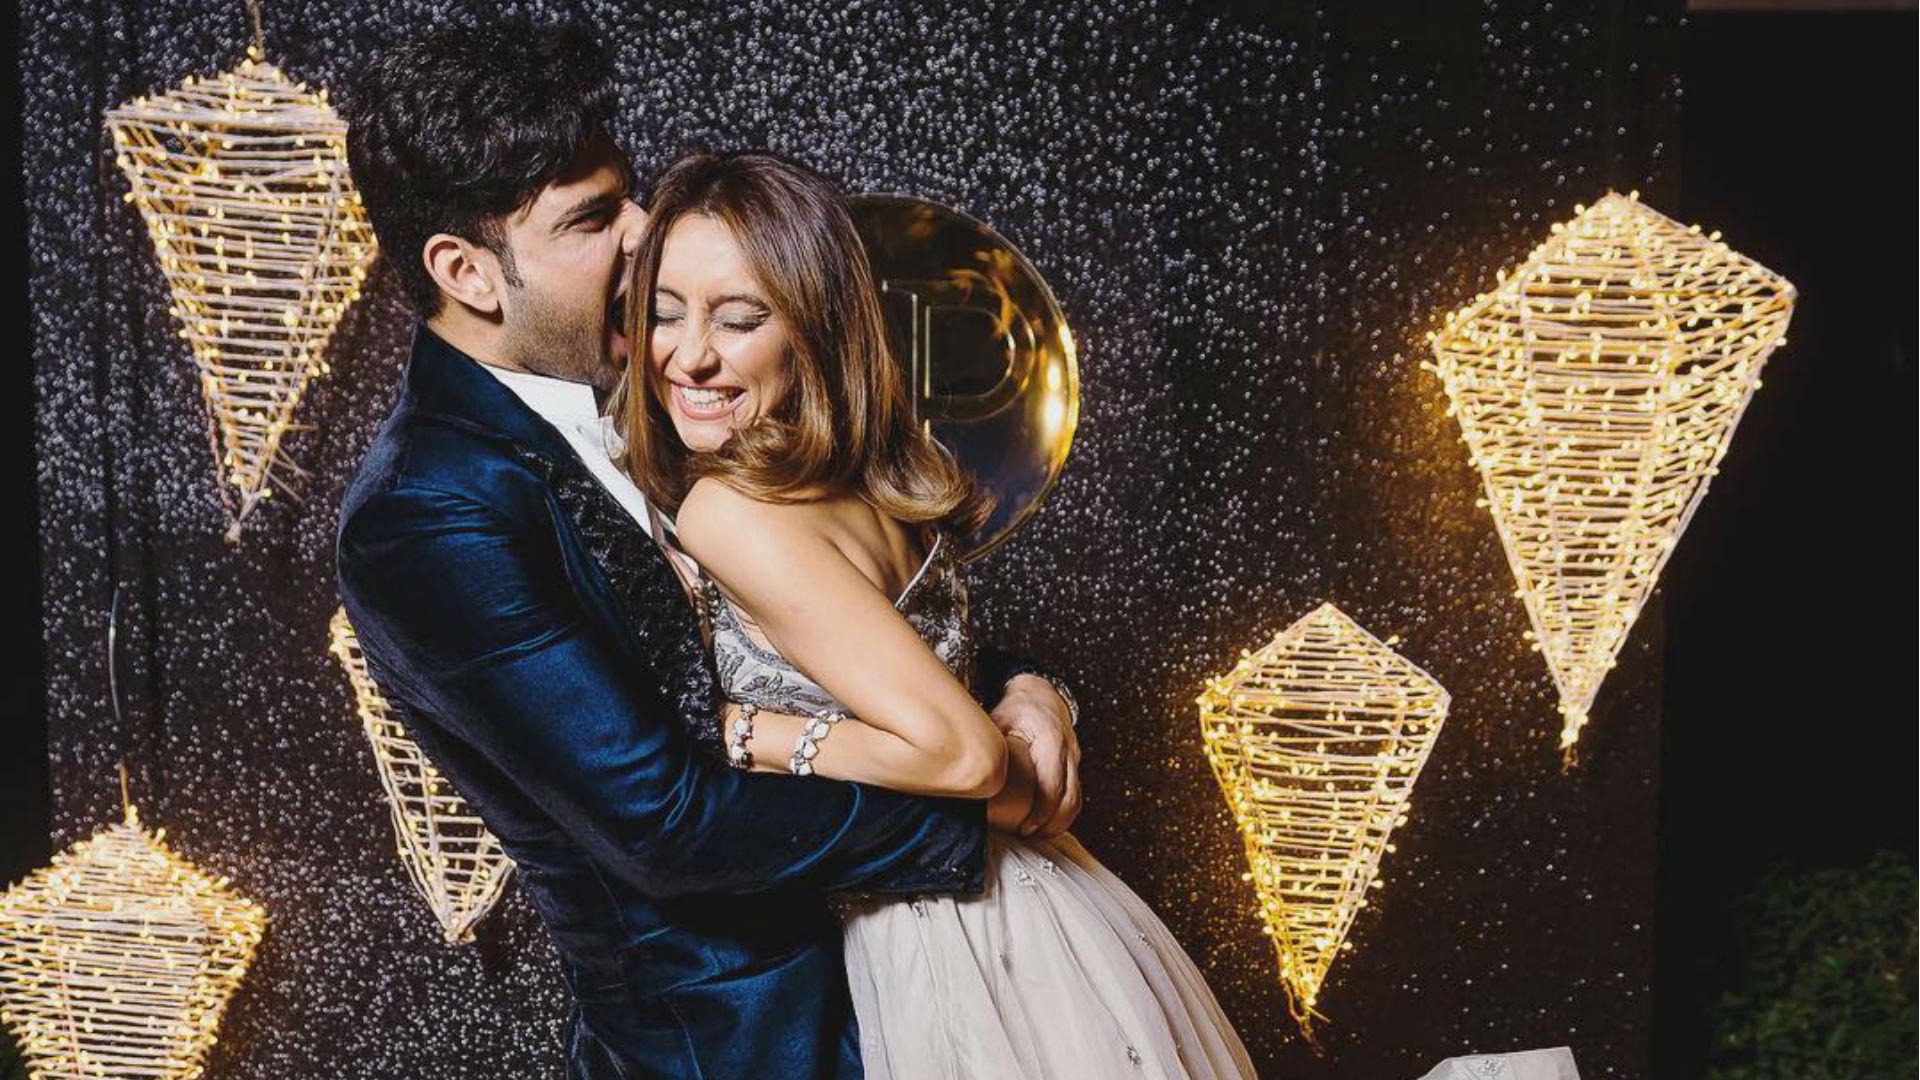 बॉलीवुड फिल्मों के दीवाने हैं एक्टर करण कुंद्रा, अब अपनी गर्लफ्रेंड अनुषा दांडेकर के साथ खेलेंगे 'झक्कैश'